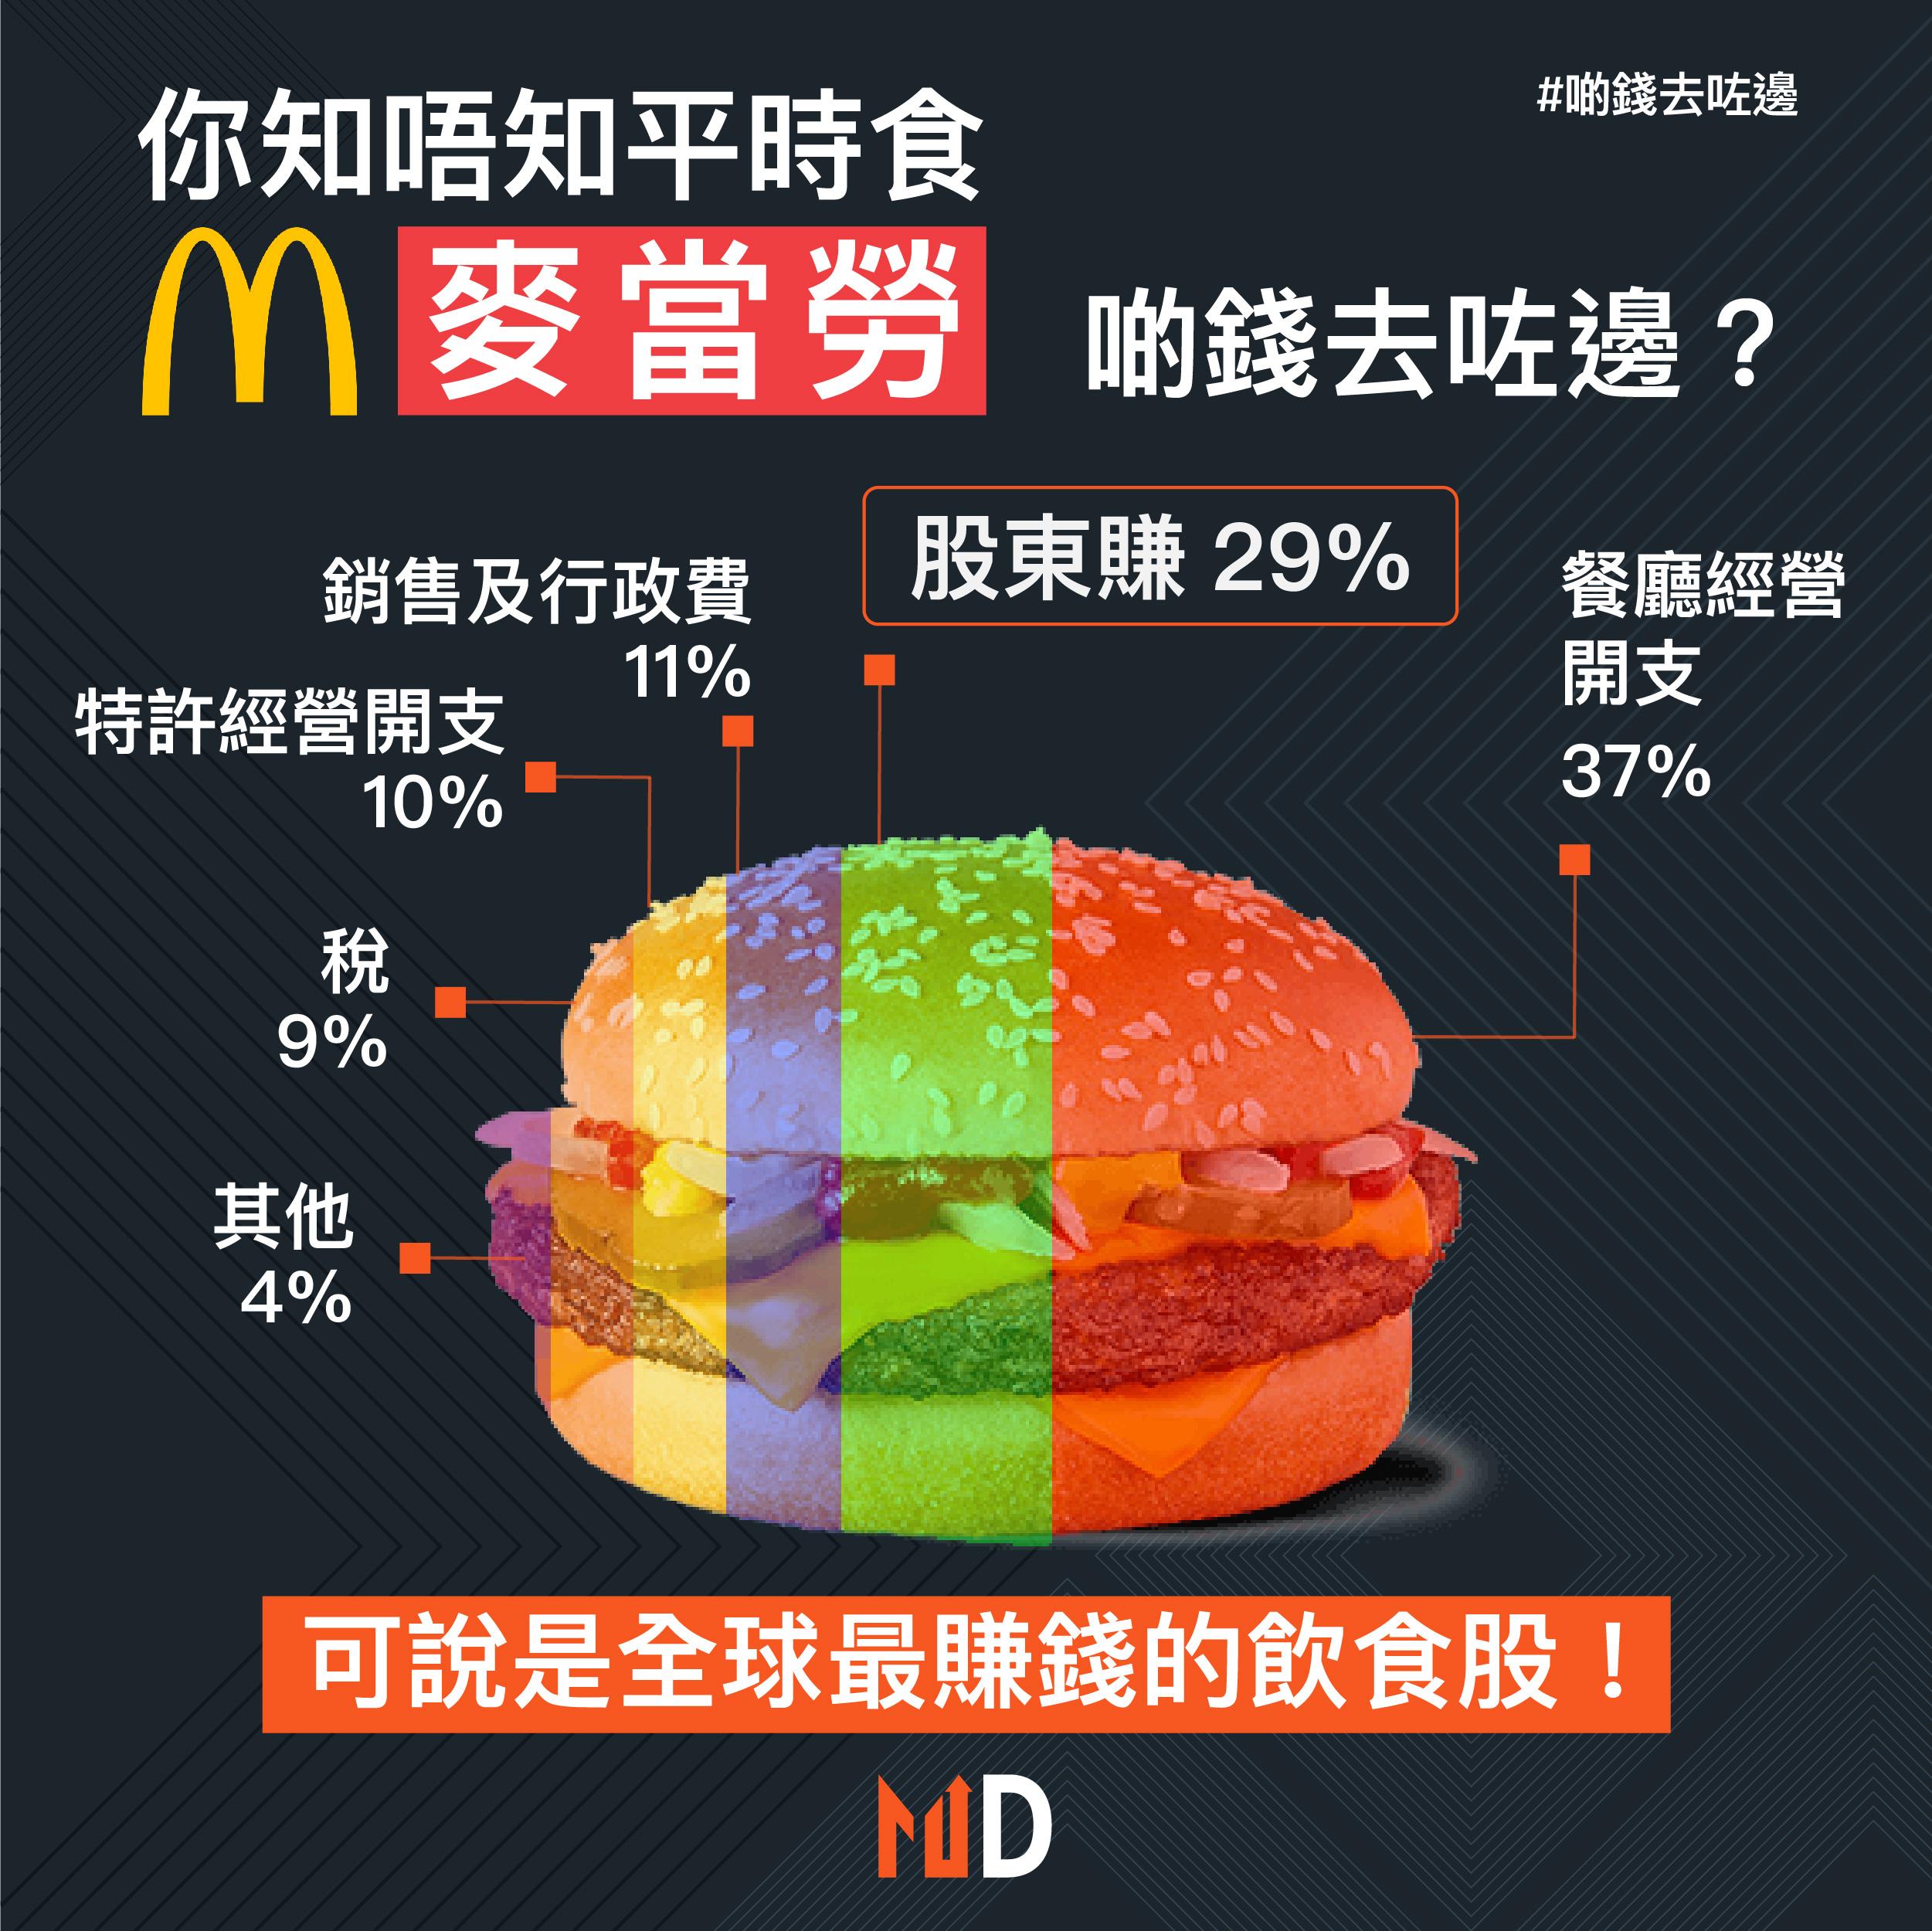 【#啲錢去咗邊】你知唔知平時食麥當勞,啲錢去咗邊?